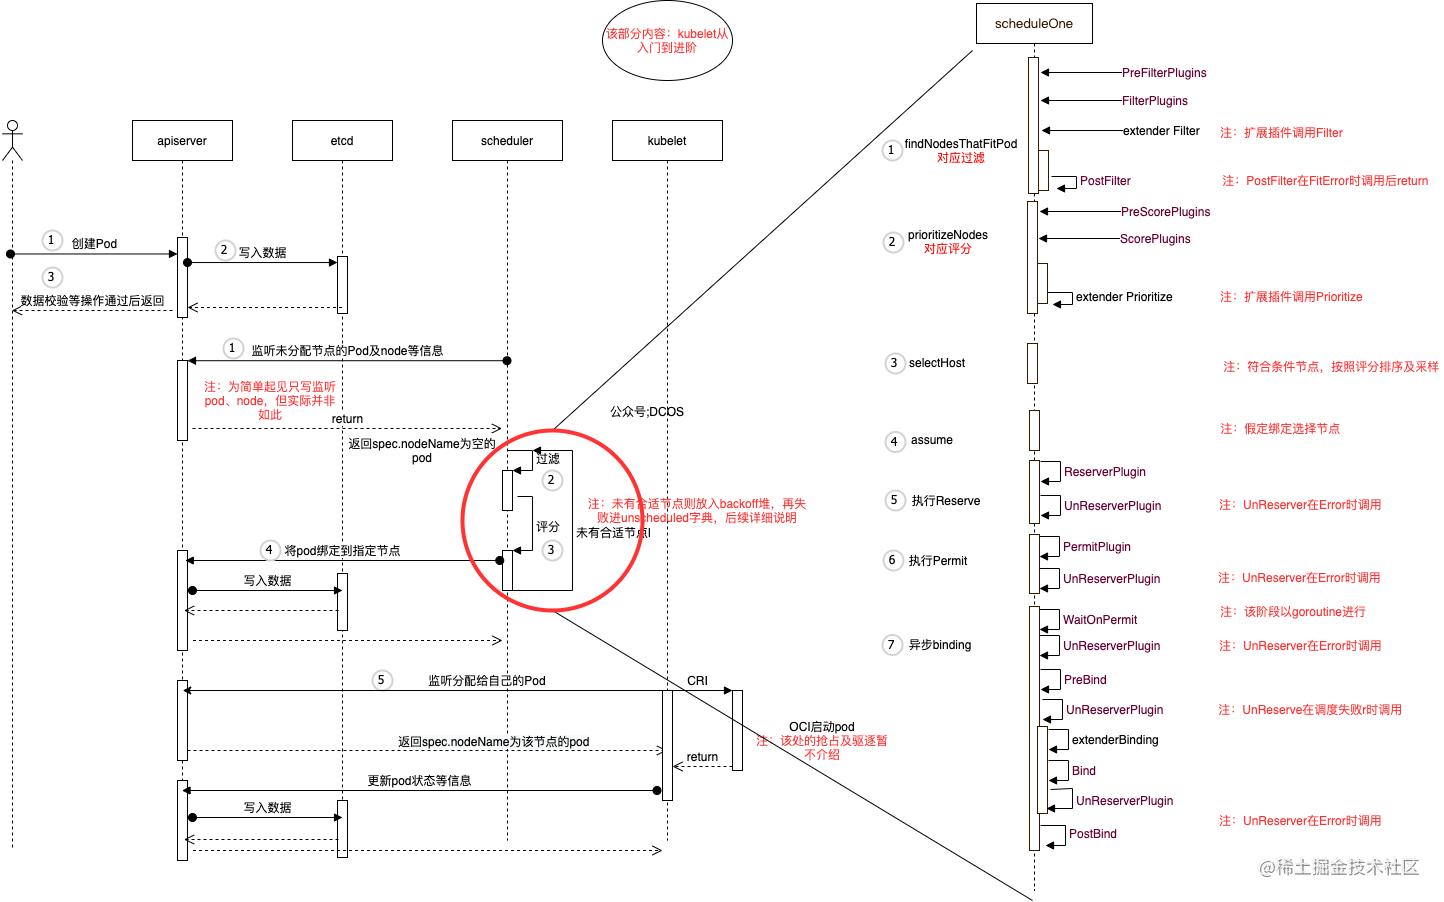 图1 交互流程图